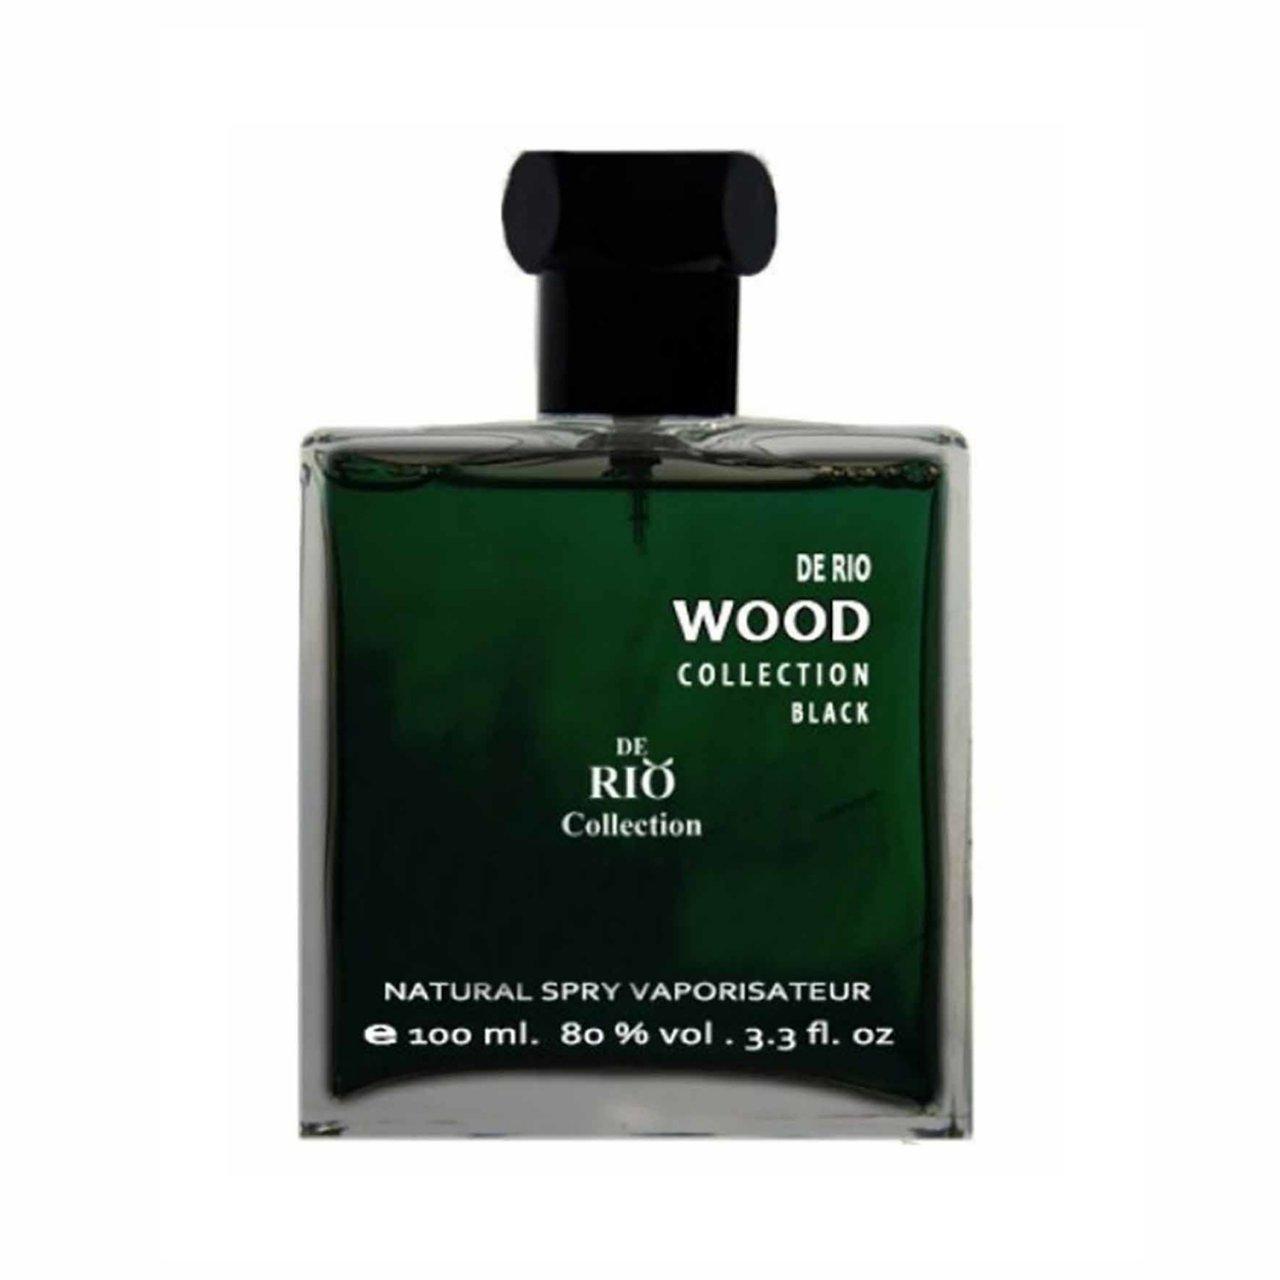 ادو پرفیوم Wood ریو کالکشن 100 میلی لیتر